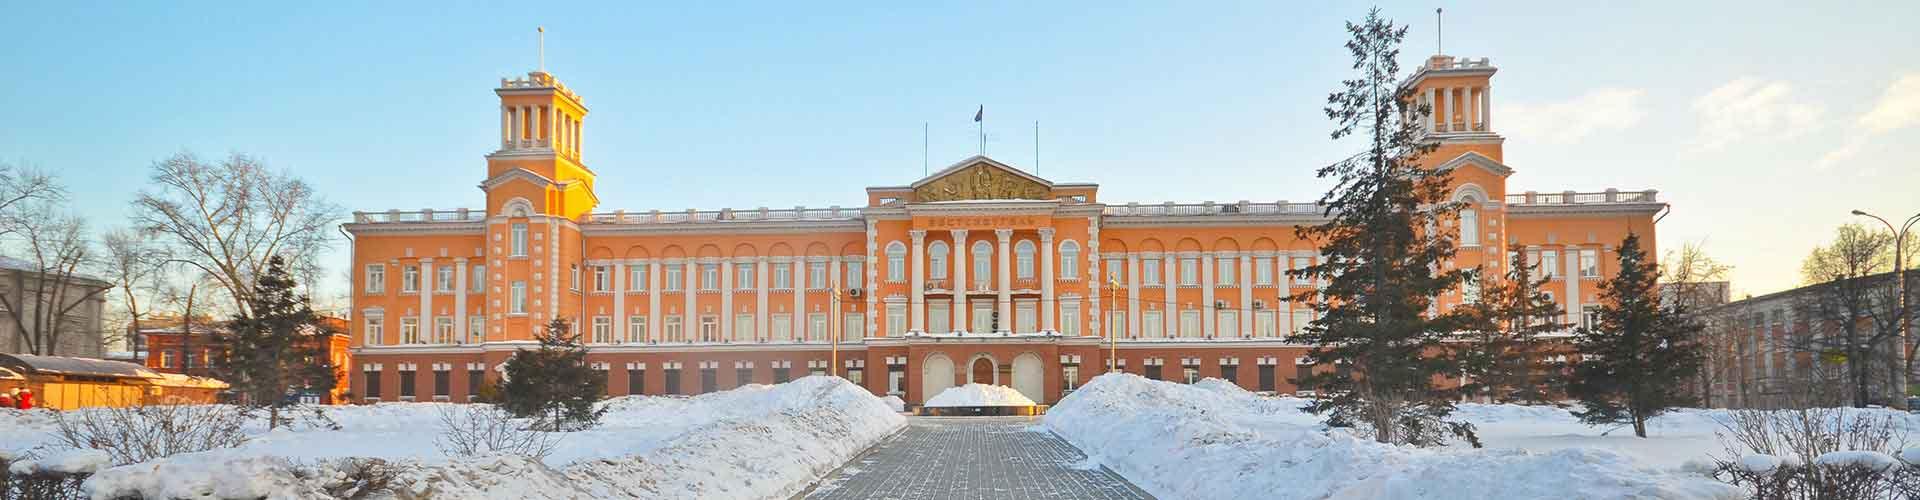 Irkutsk - Hôtels à Irkutsk. Cartes pour Irkutsk, photos et commentaires pour chaque hôtel à Irkutsk.